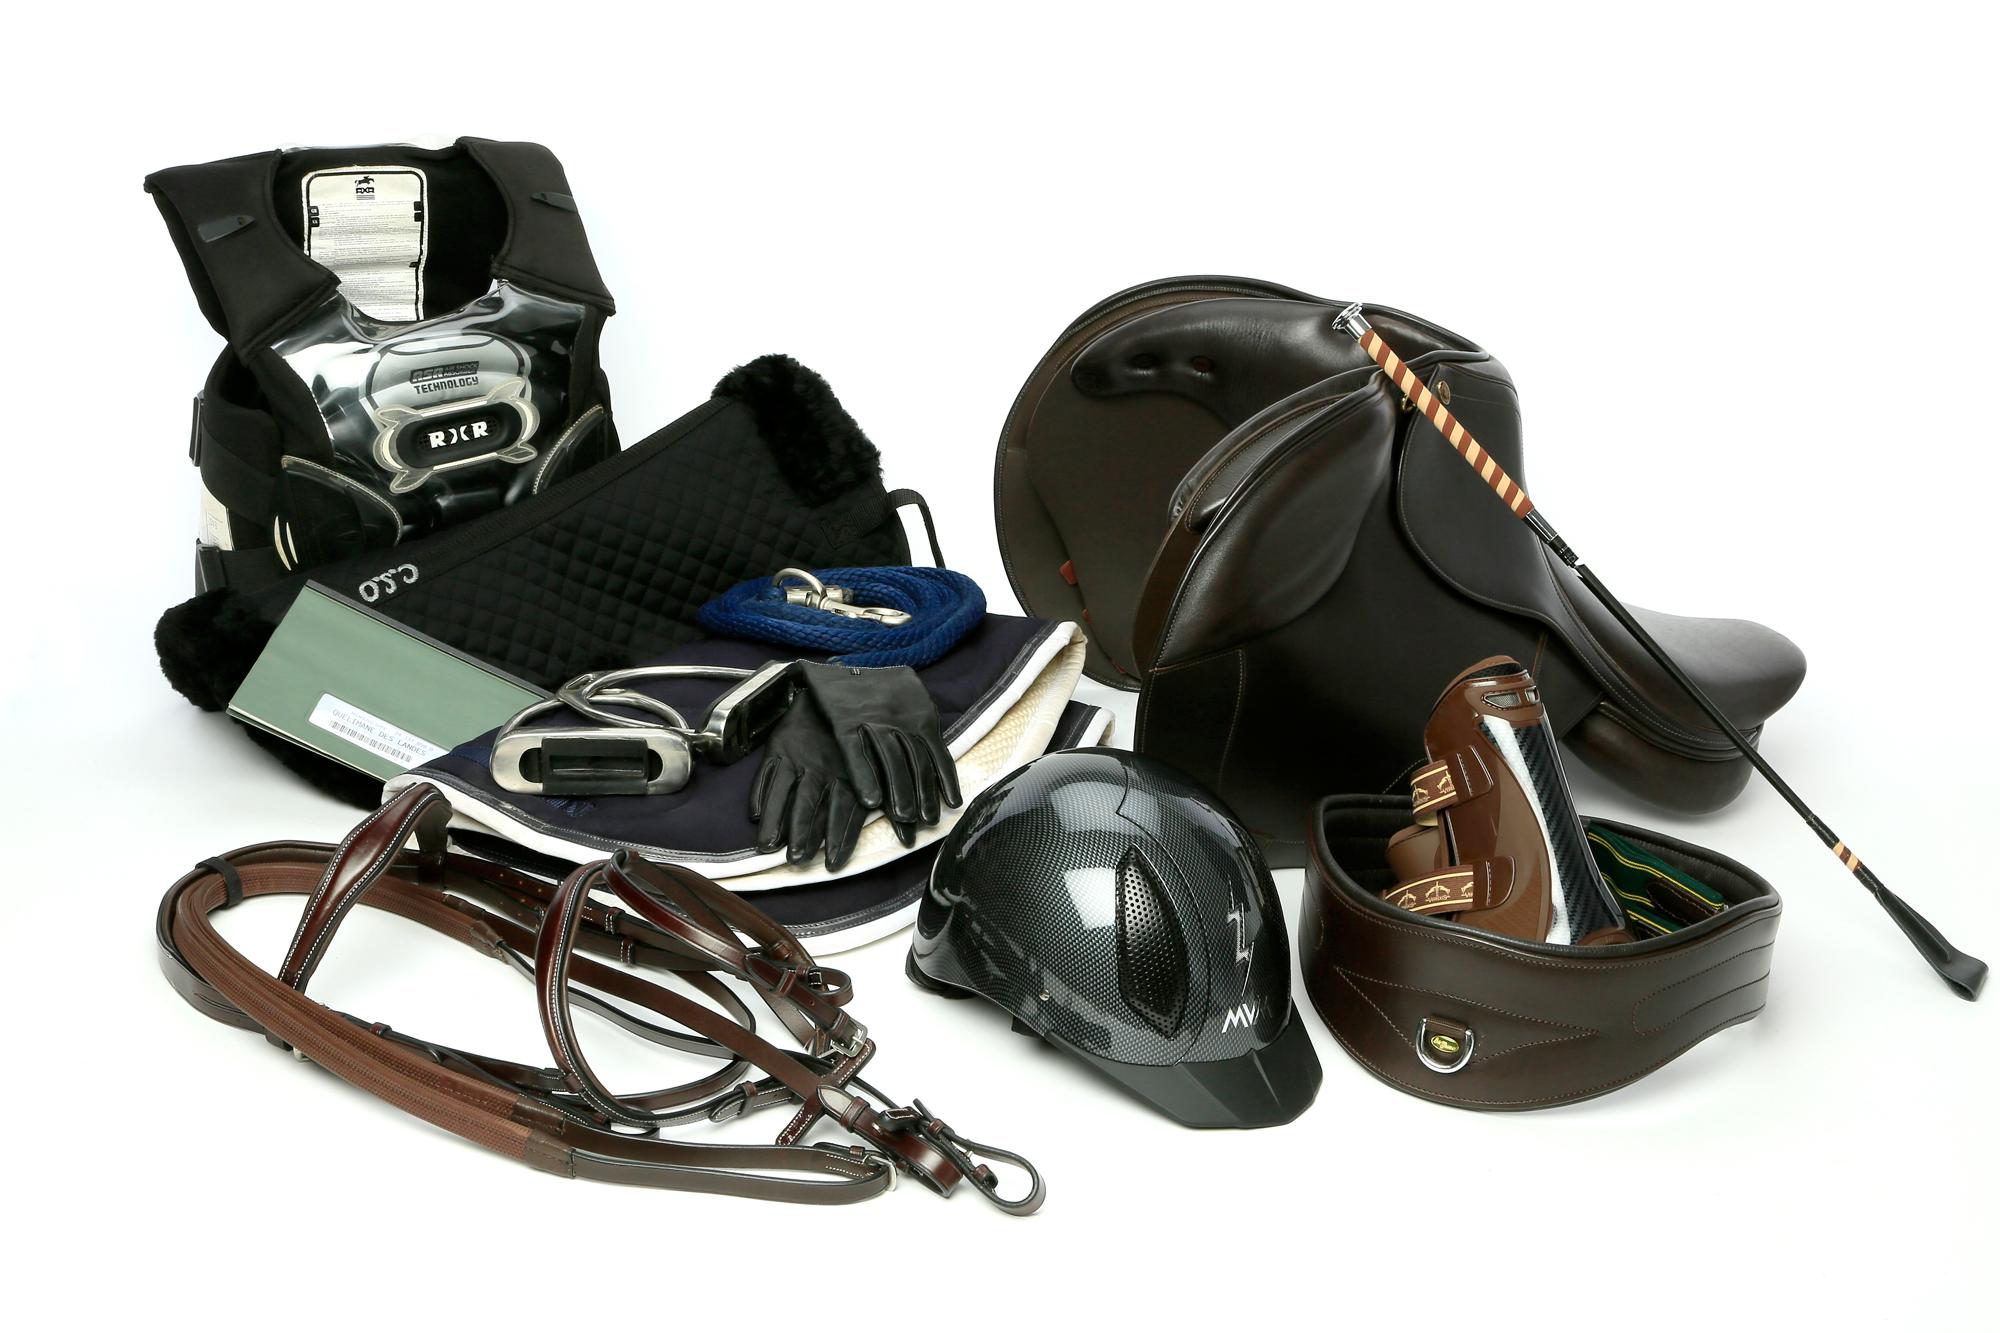 Travel-Bag-Original-Contenu-Horse-And-Tr